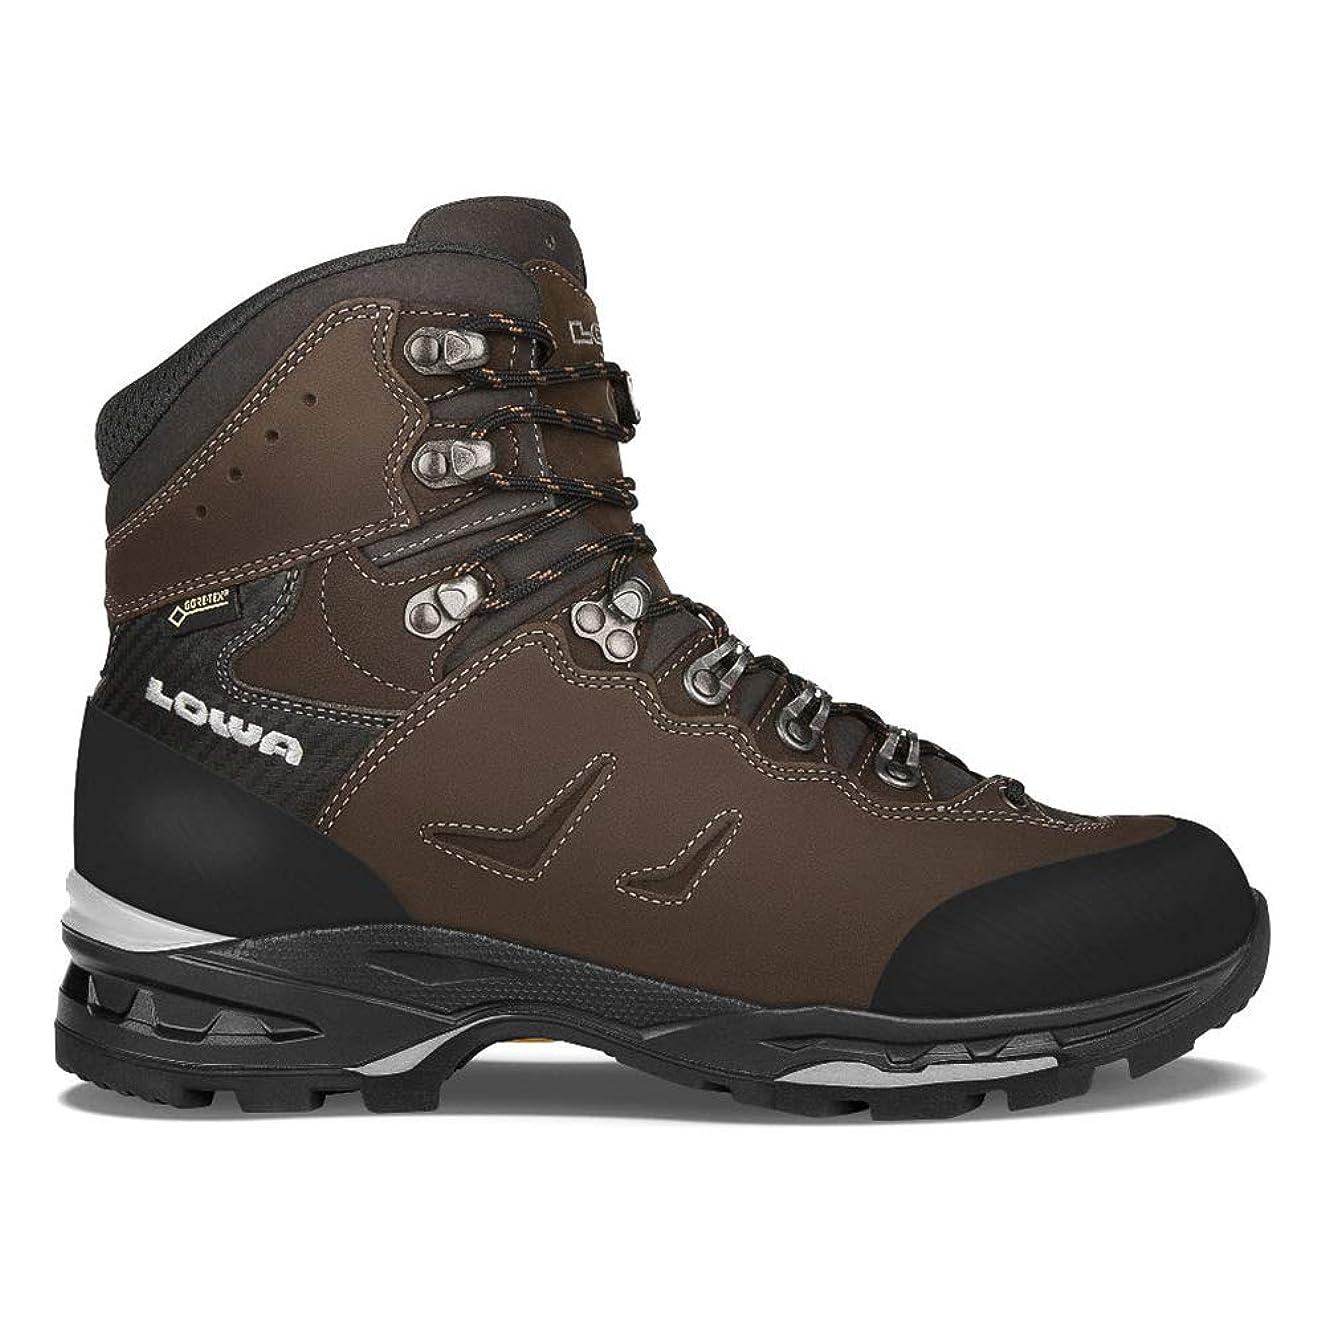 便益ワイヤー愛されし者(ローバー) LOWA 安全靴 ハンター メンズ MEN Camino GTX?(shoe width:M) (並行輸入品)